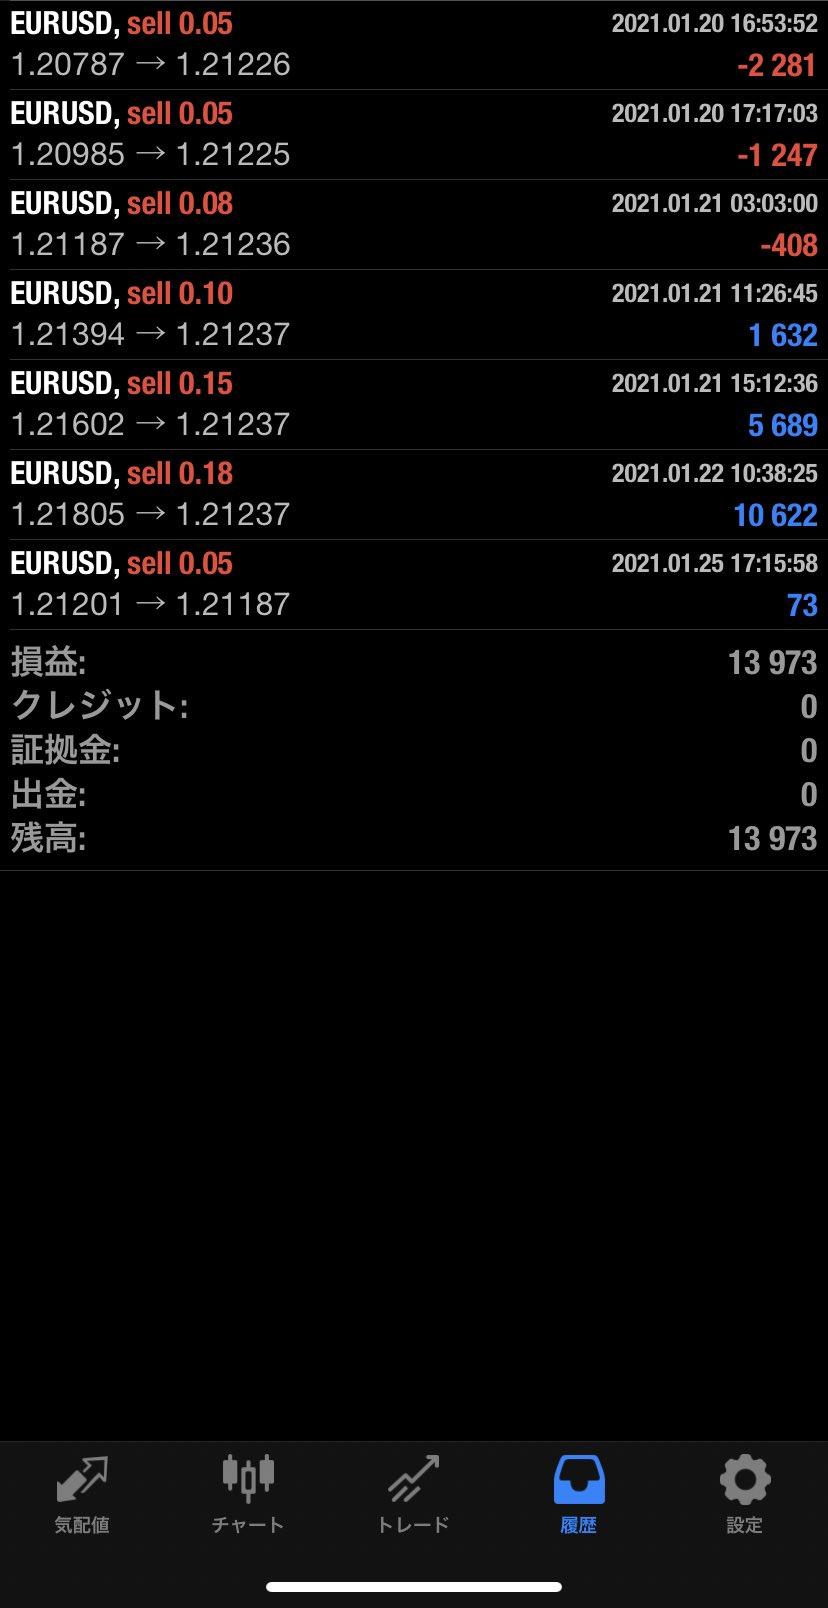 2021年1月25日 EUR/USDバージョン13,973円